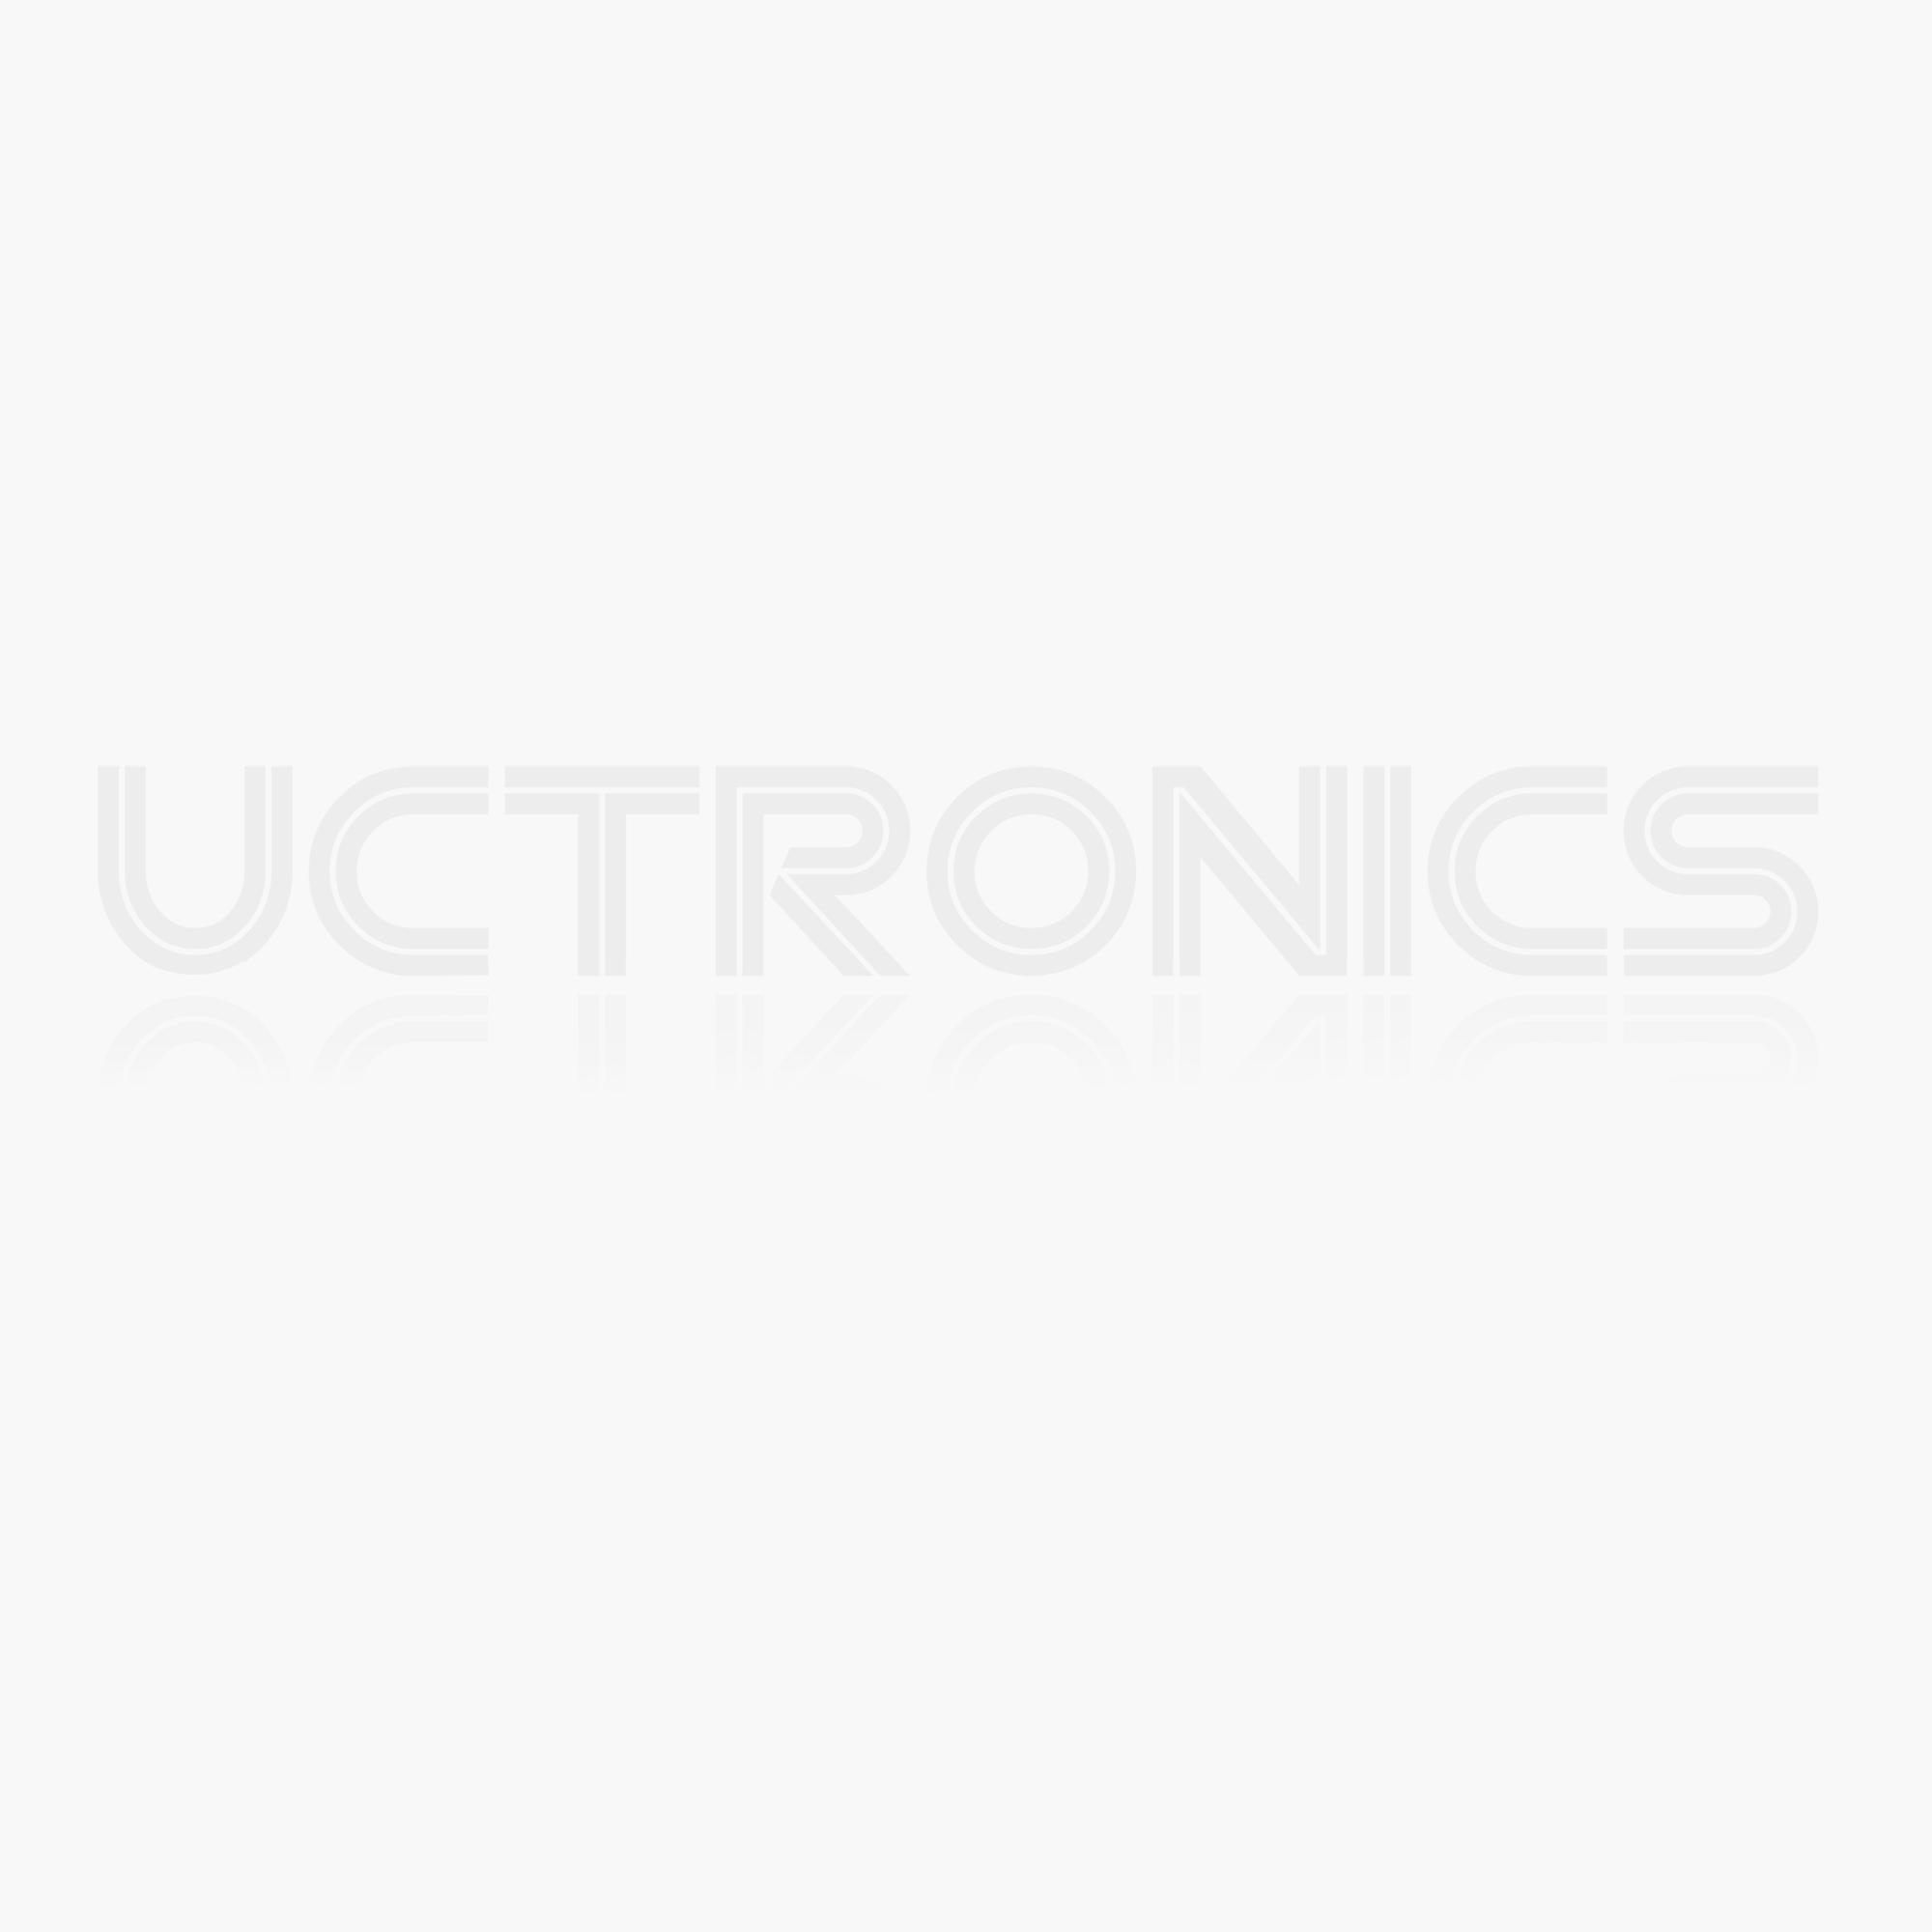 DC 4.5-30V Digital Voltage Meter - Red